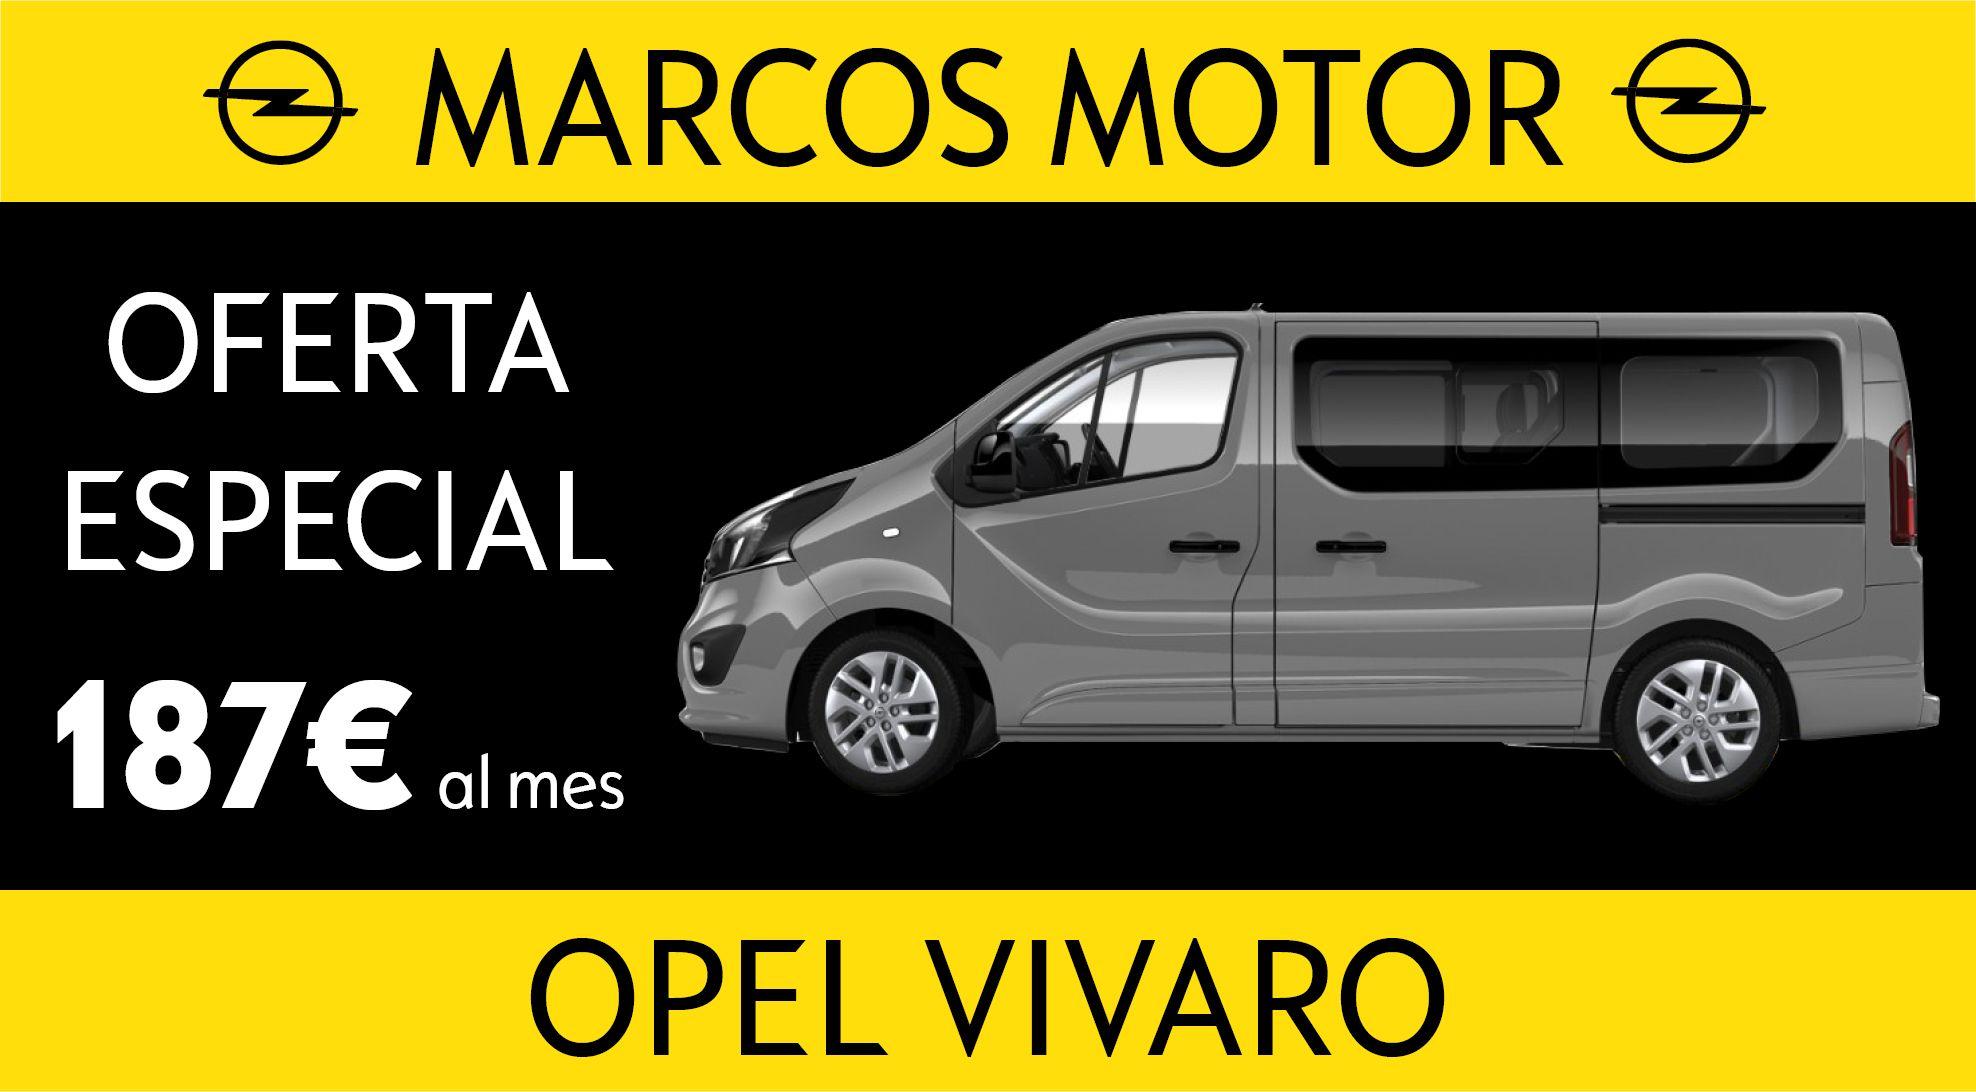 Opel Vivaro Offer € 187 per month